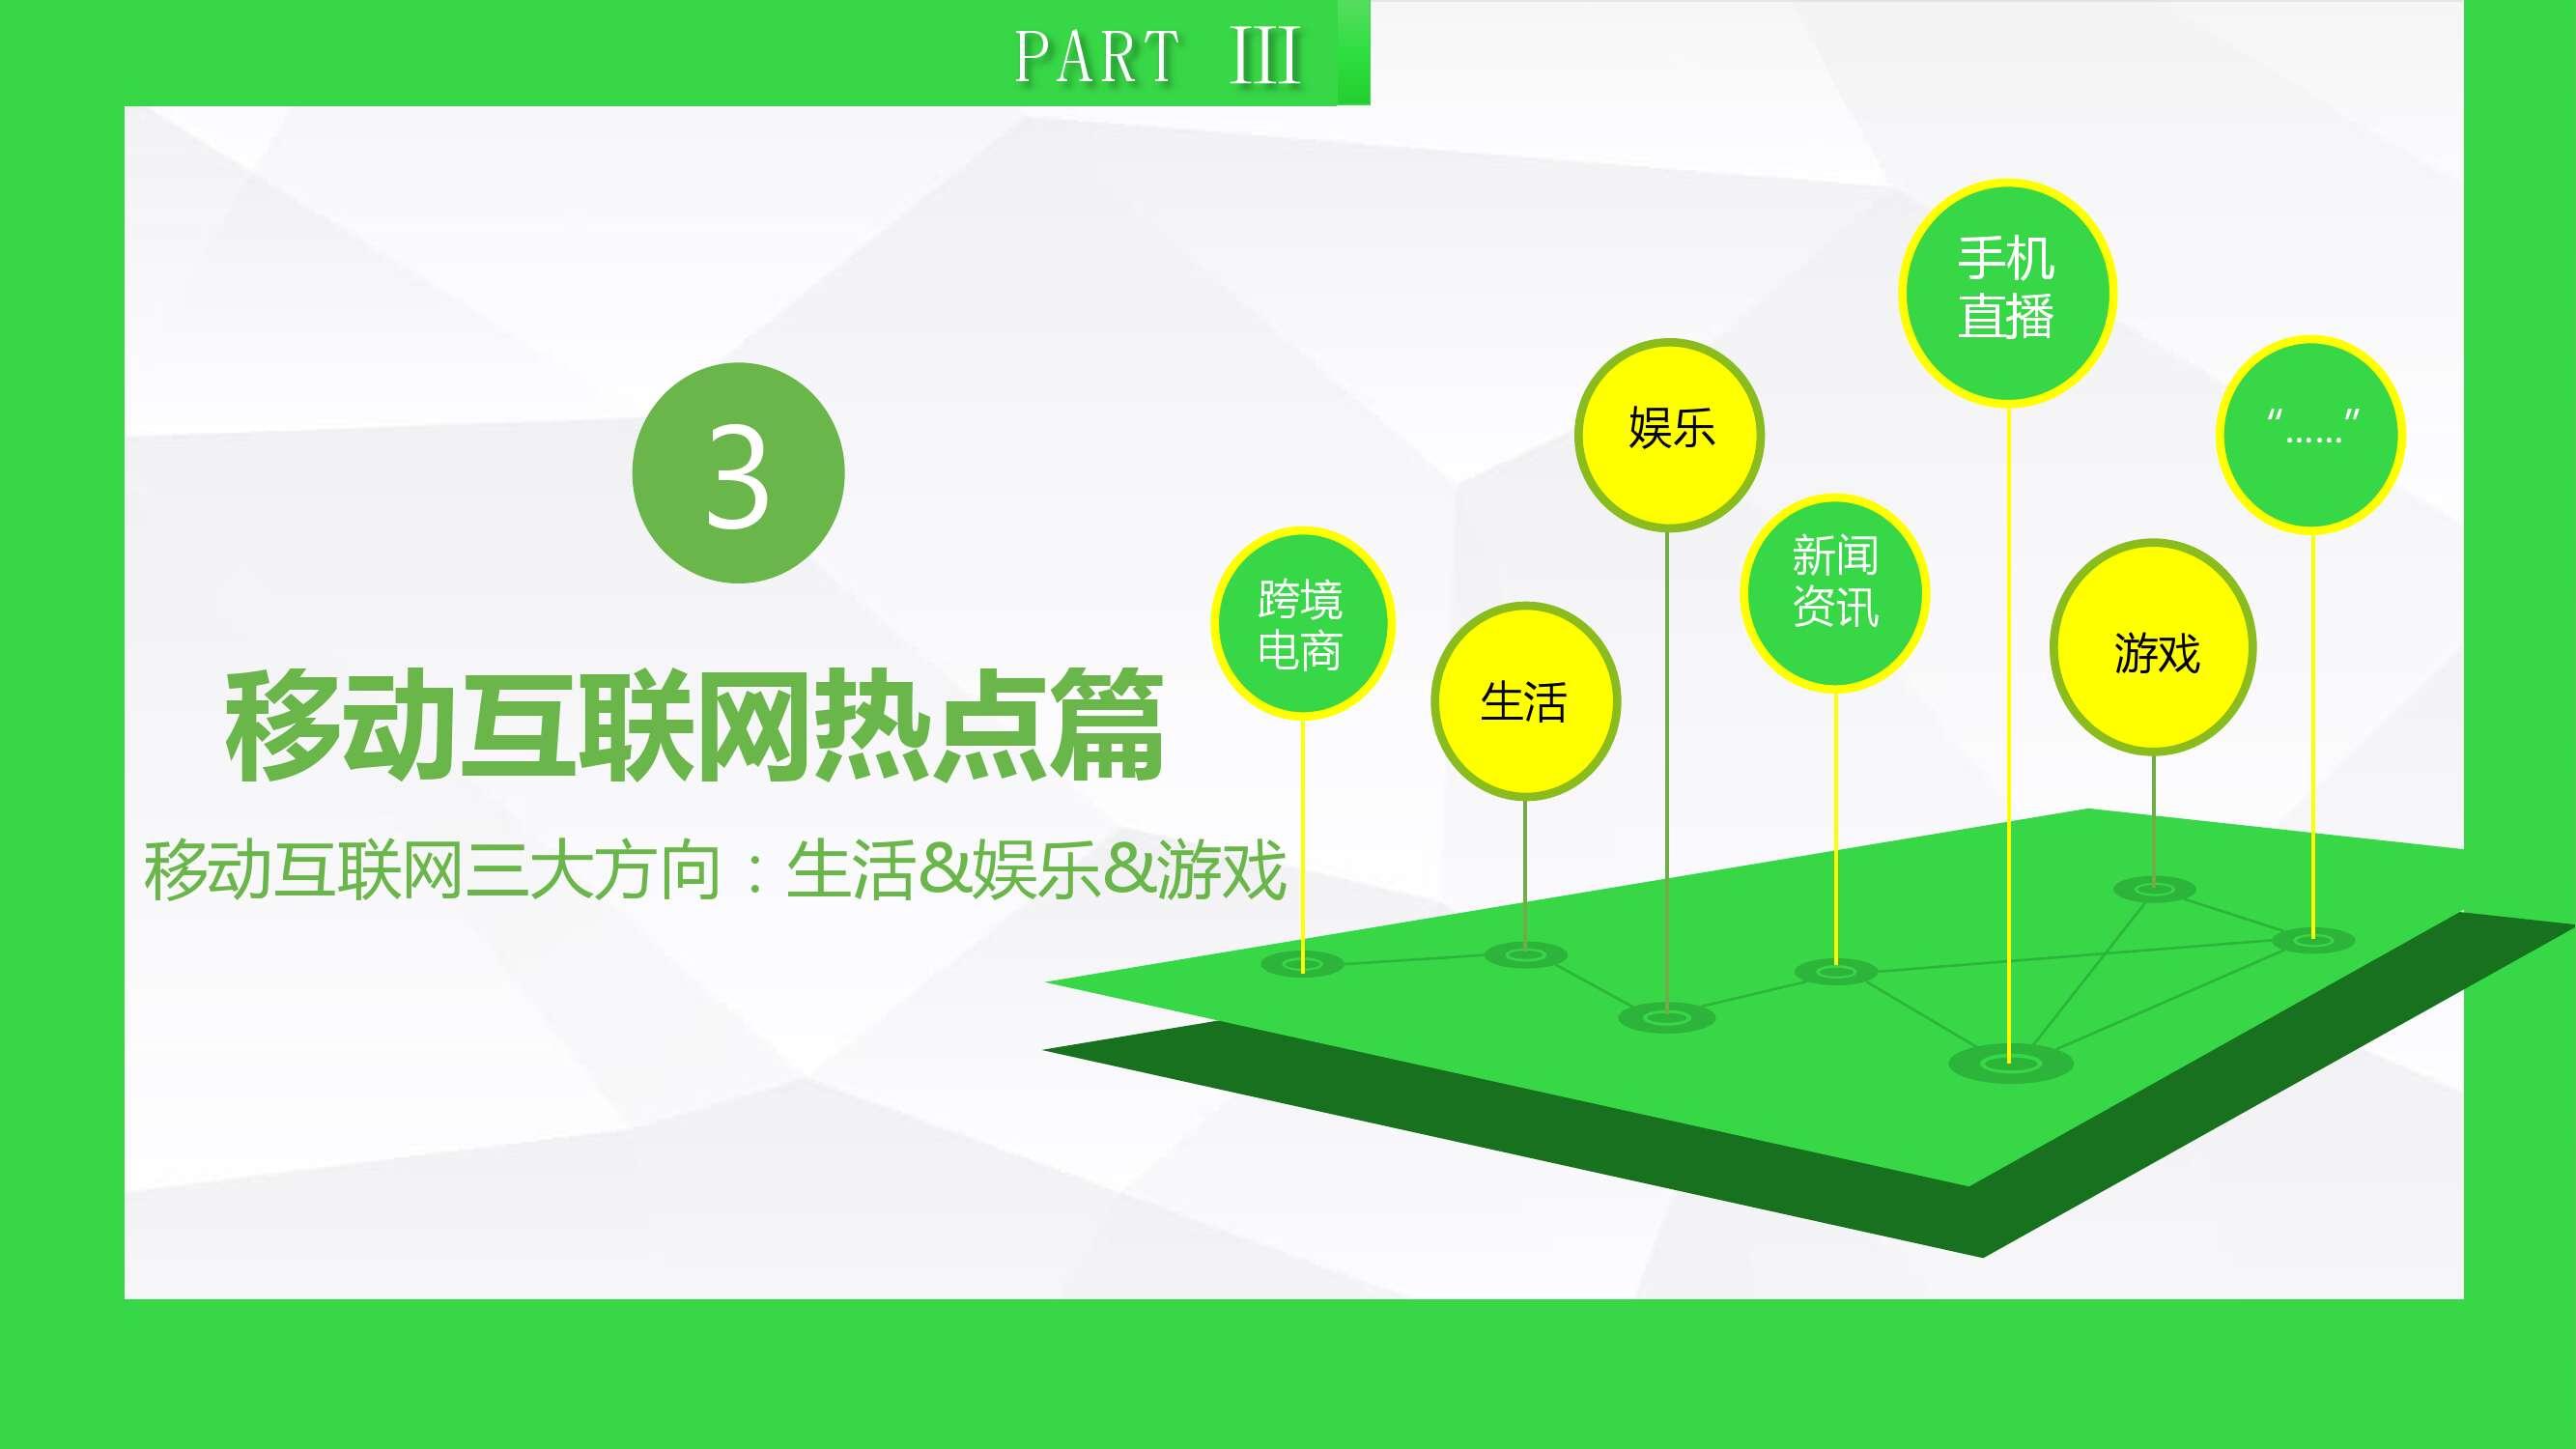 2016年手机软件行业趋势绿皮书_000021